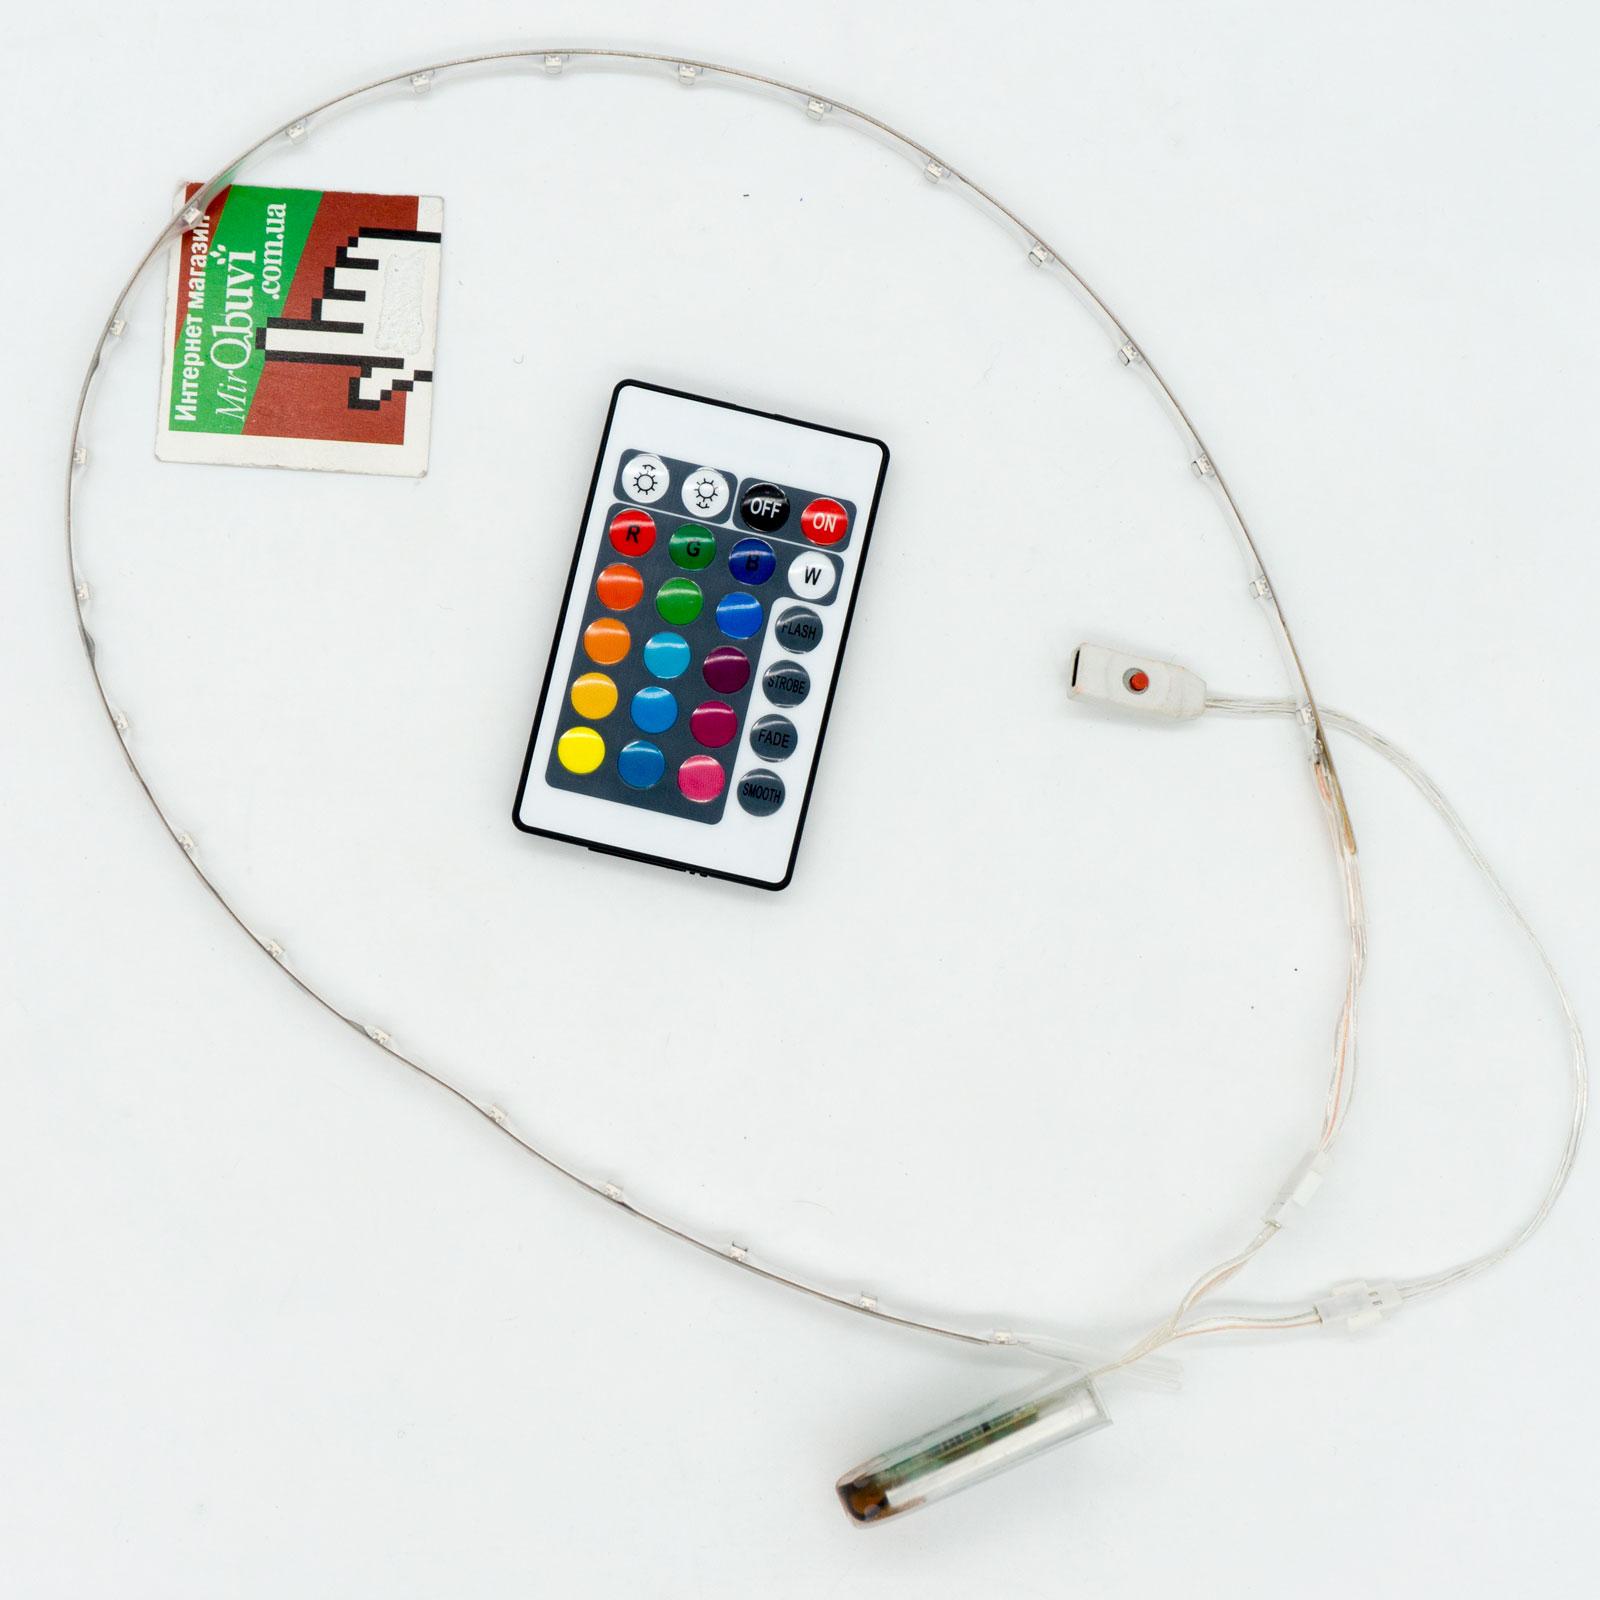 фото main Комплект светодиодной ленты для светящихся led кроссовок под пульт main